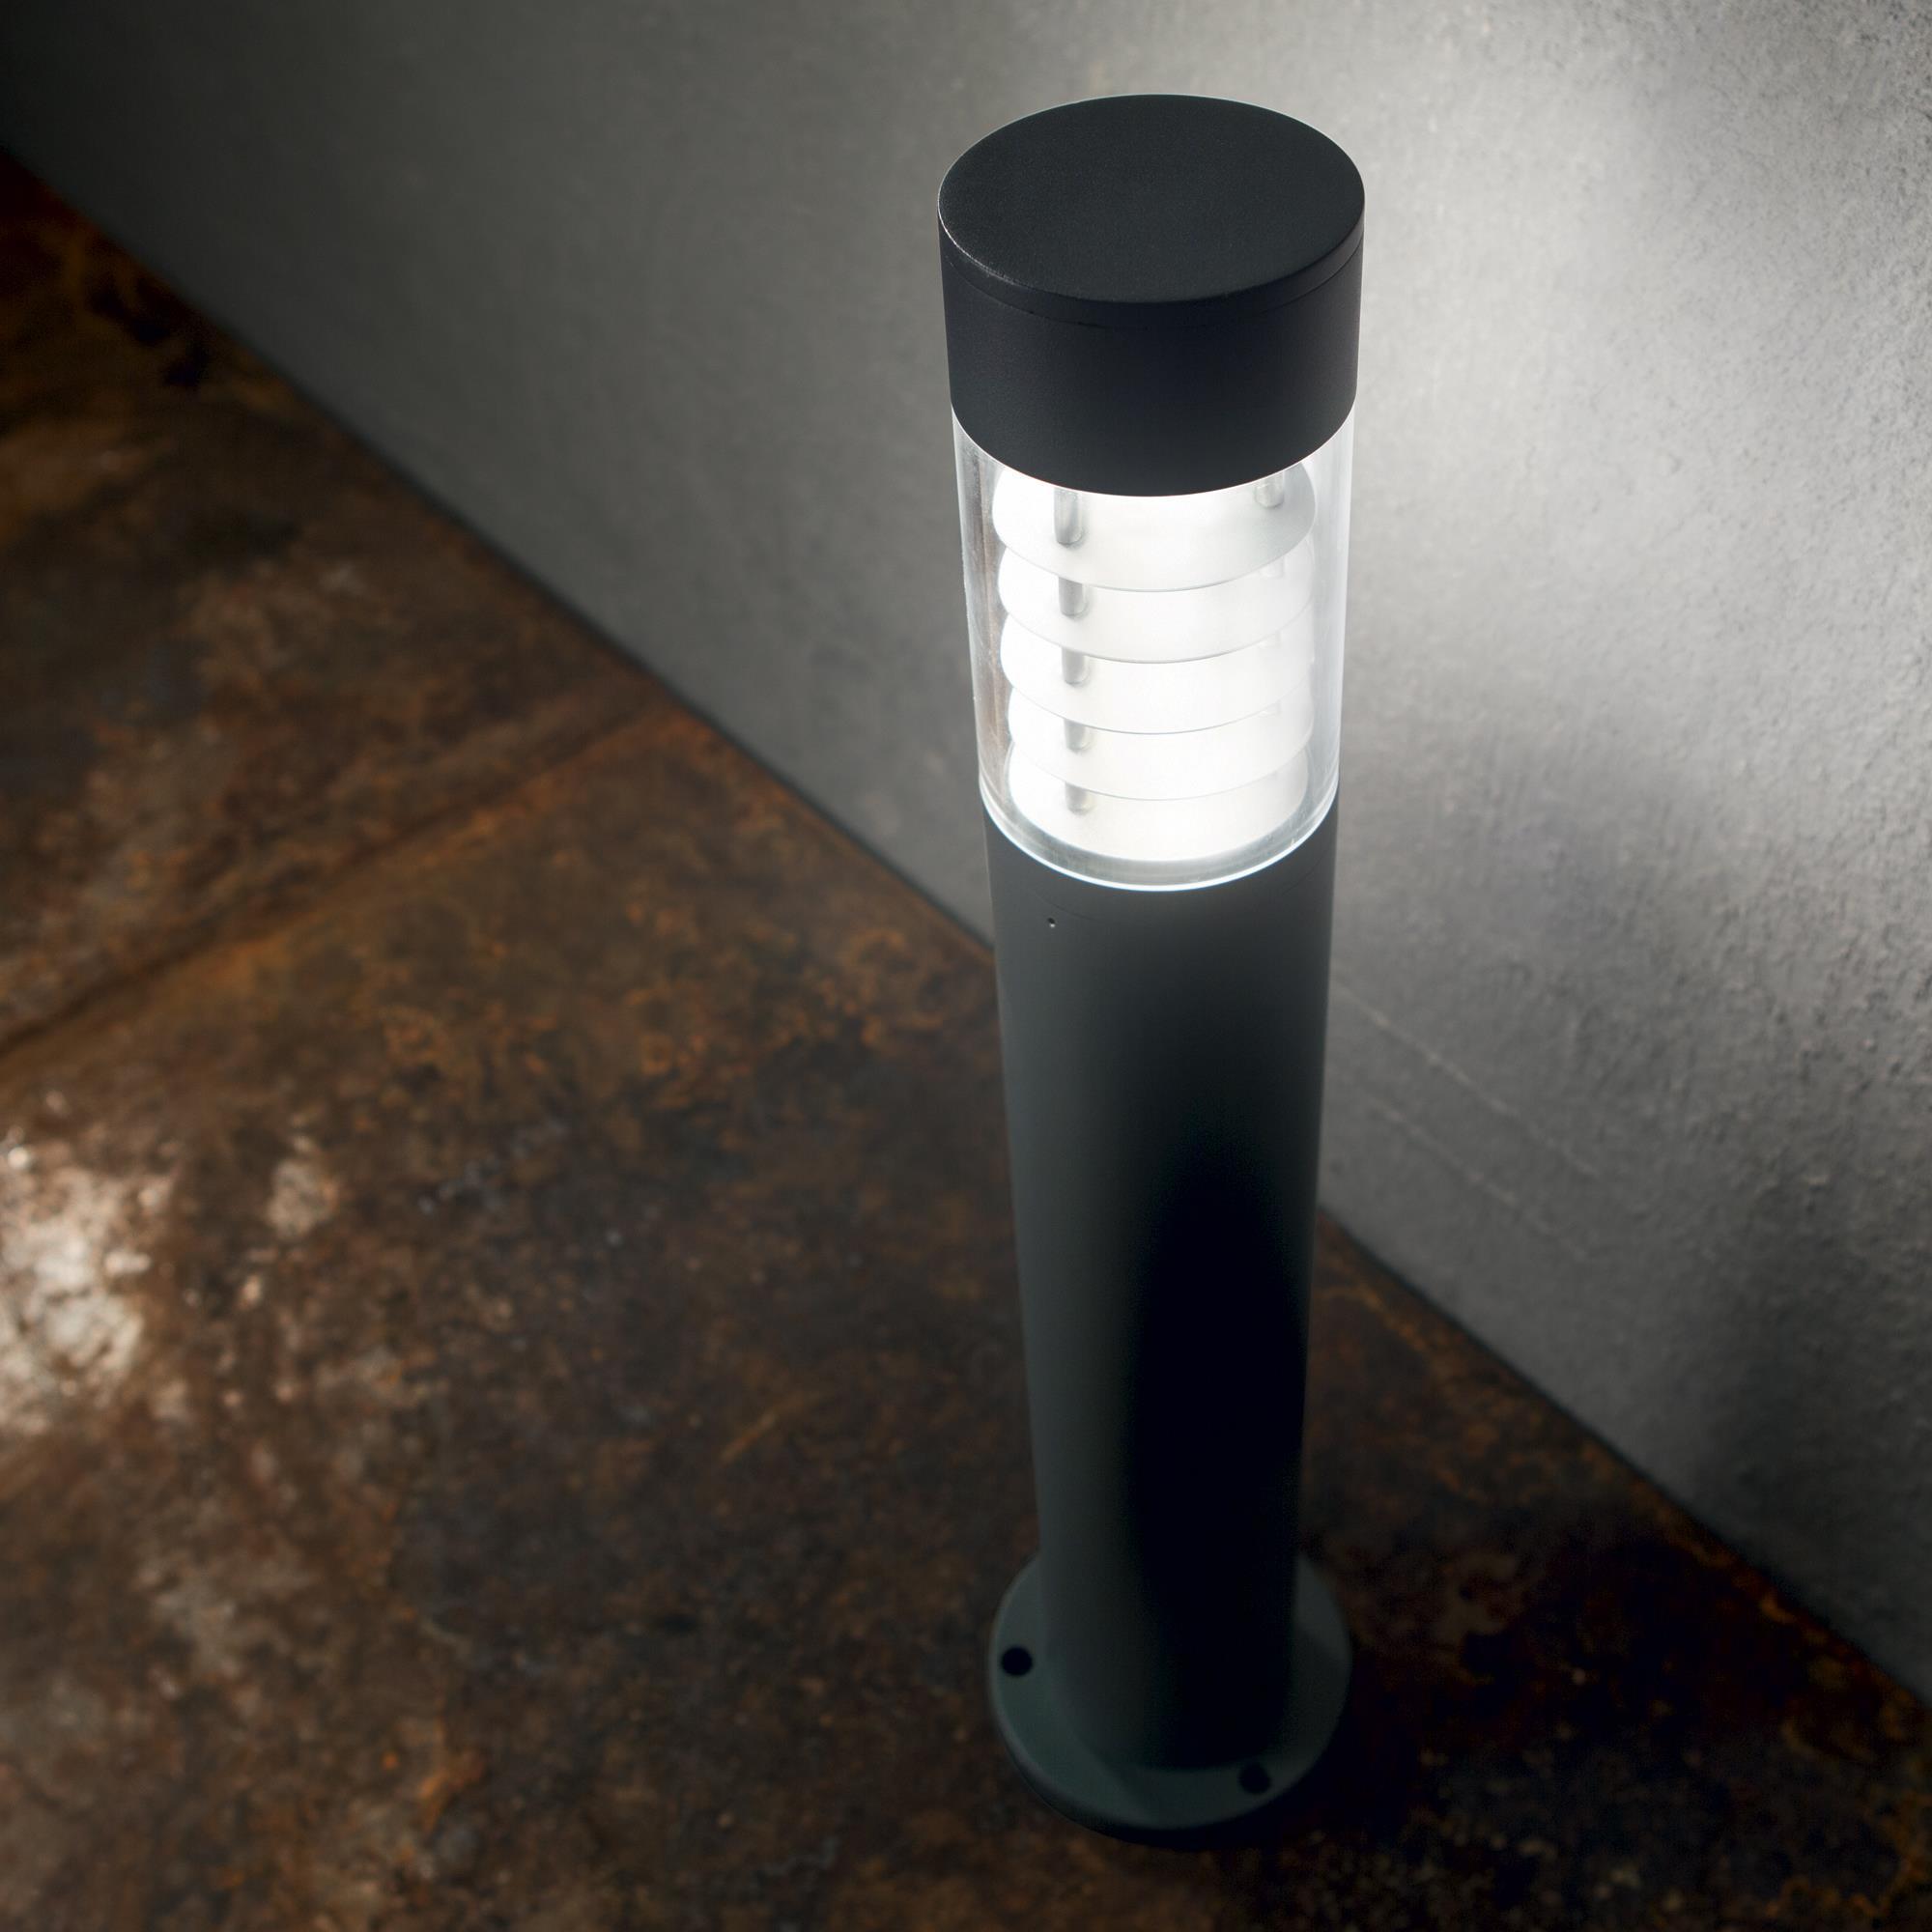 Светильник Ideal Lux Dema PT 248240, IP54, R7Sx60W, черный, прозрачный, металл, стекло - фото 3